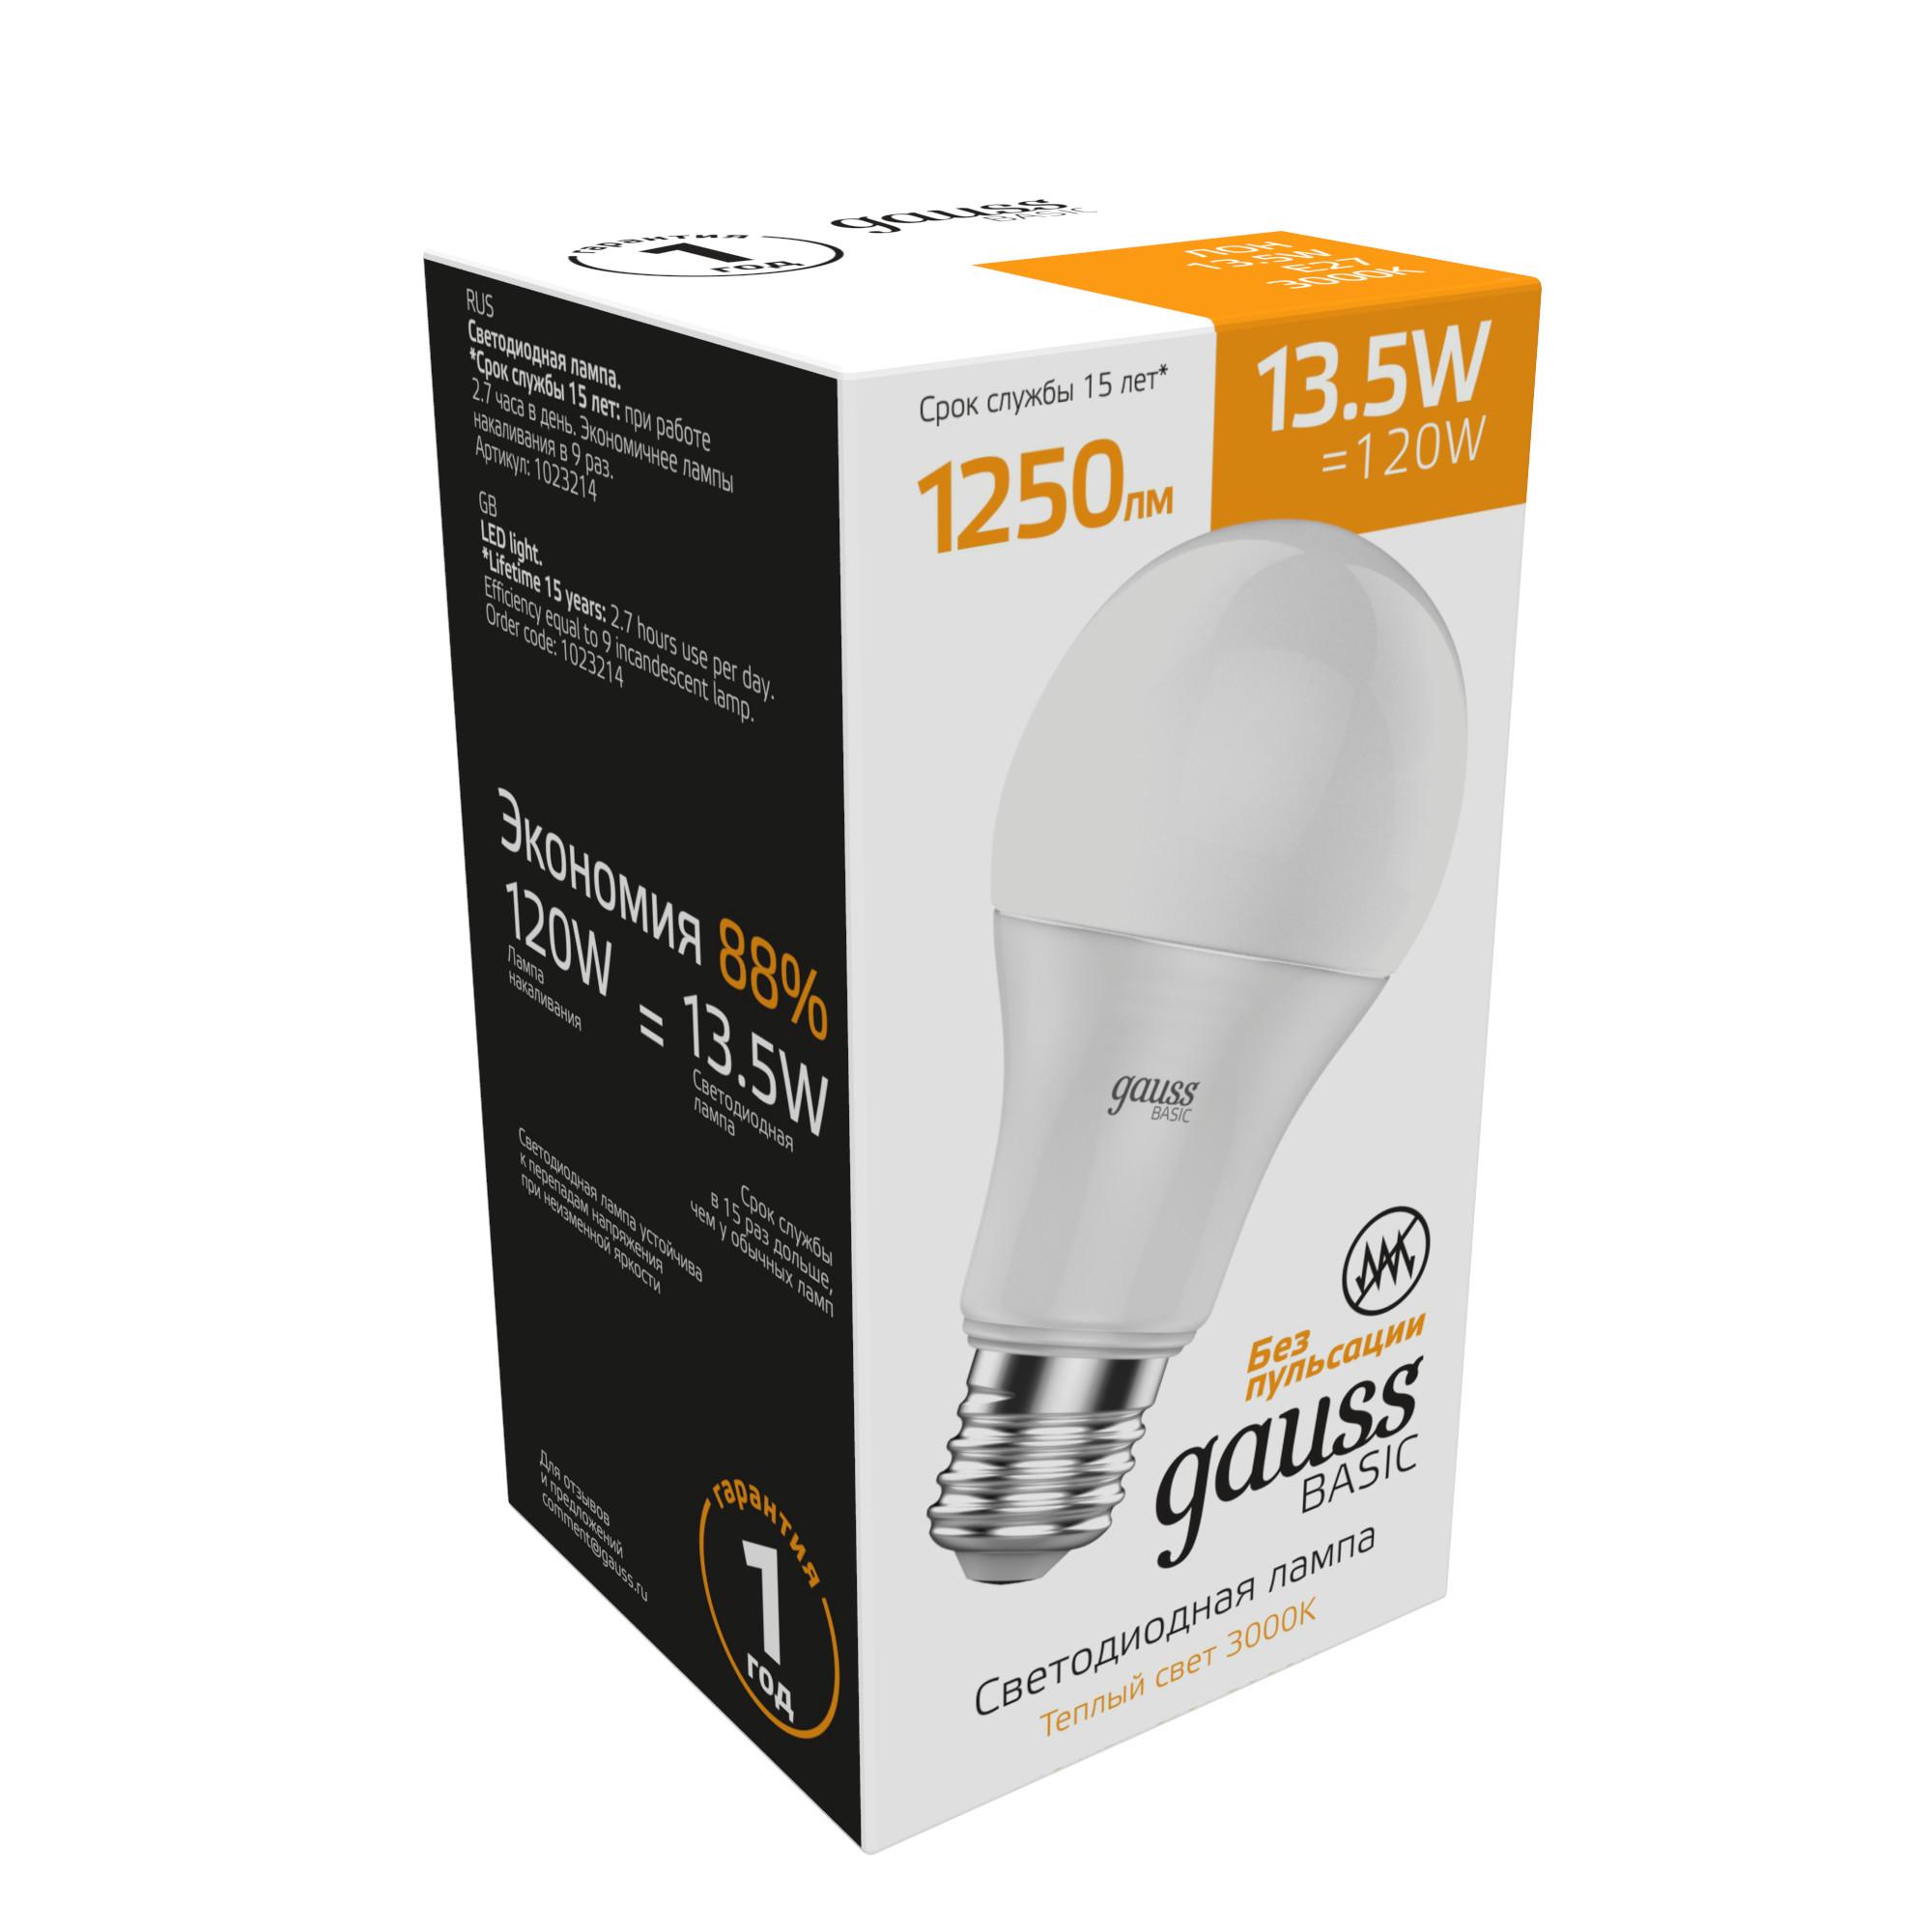 Лампа светодиодная Gauss A60 E27 220 В 13.5 Вт груша 1250 лм тёплый белый свет